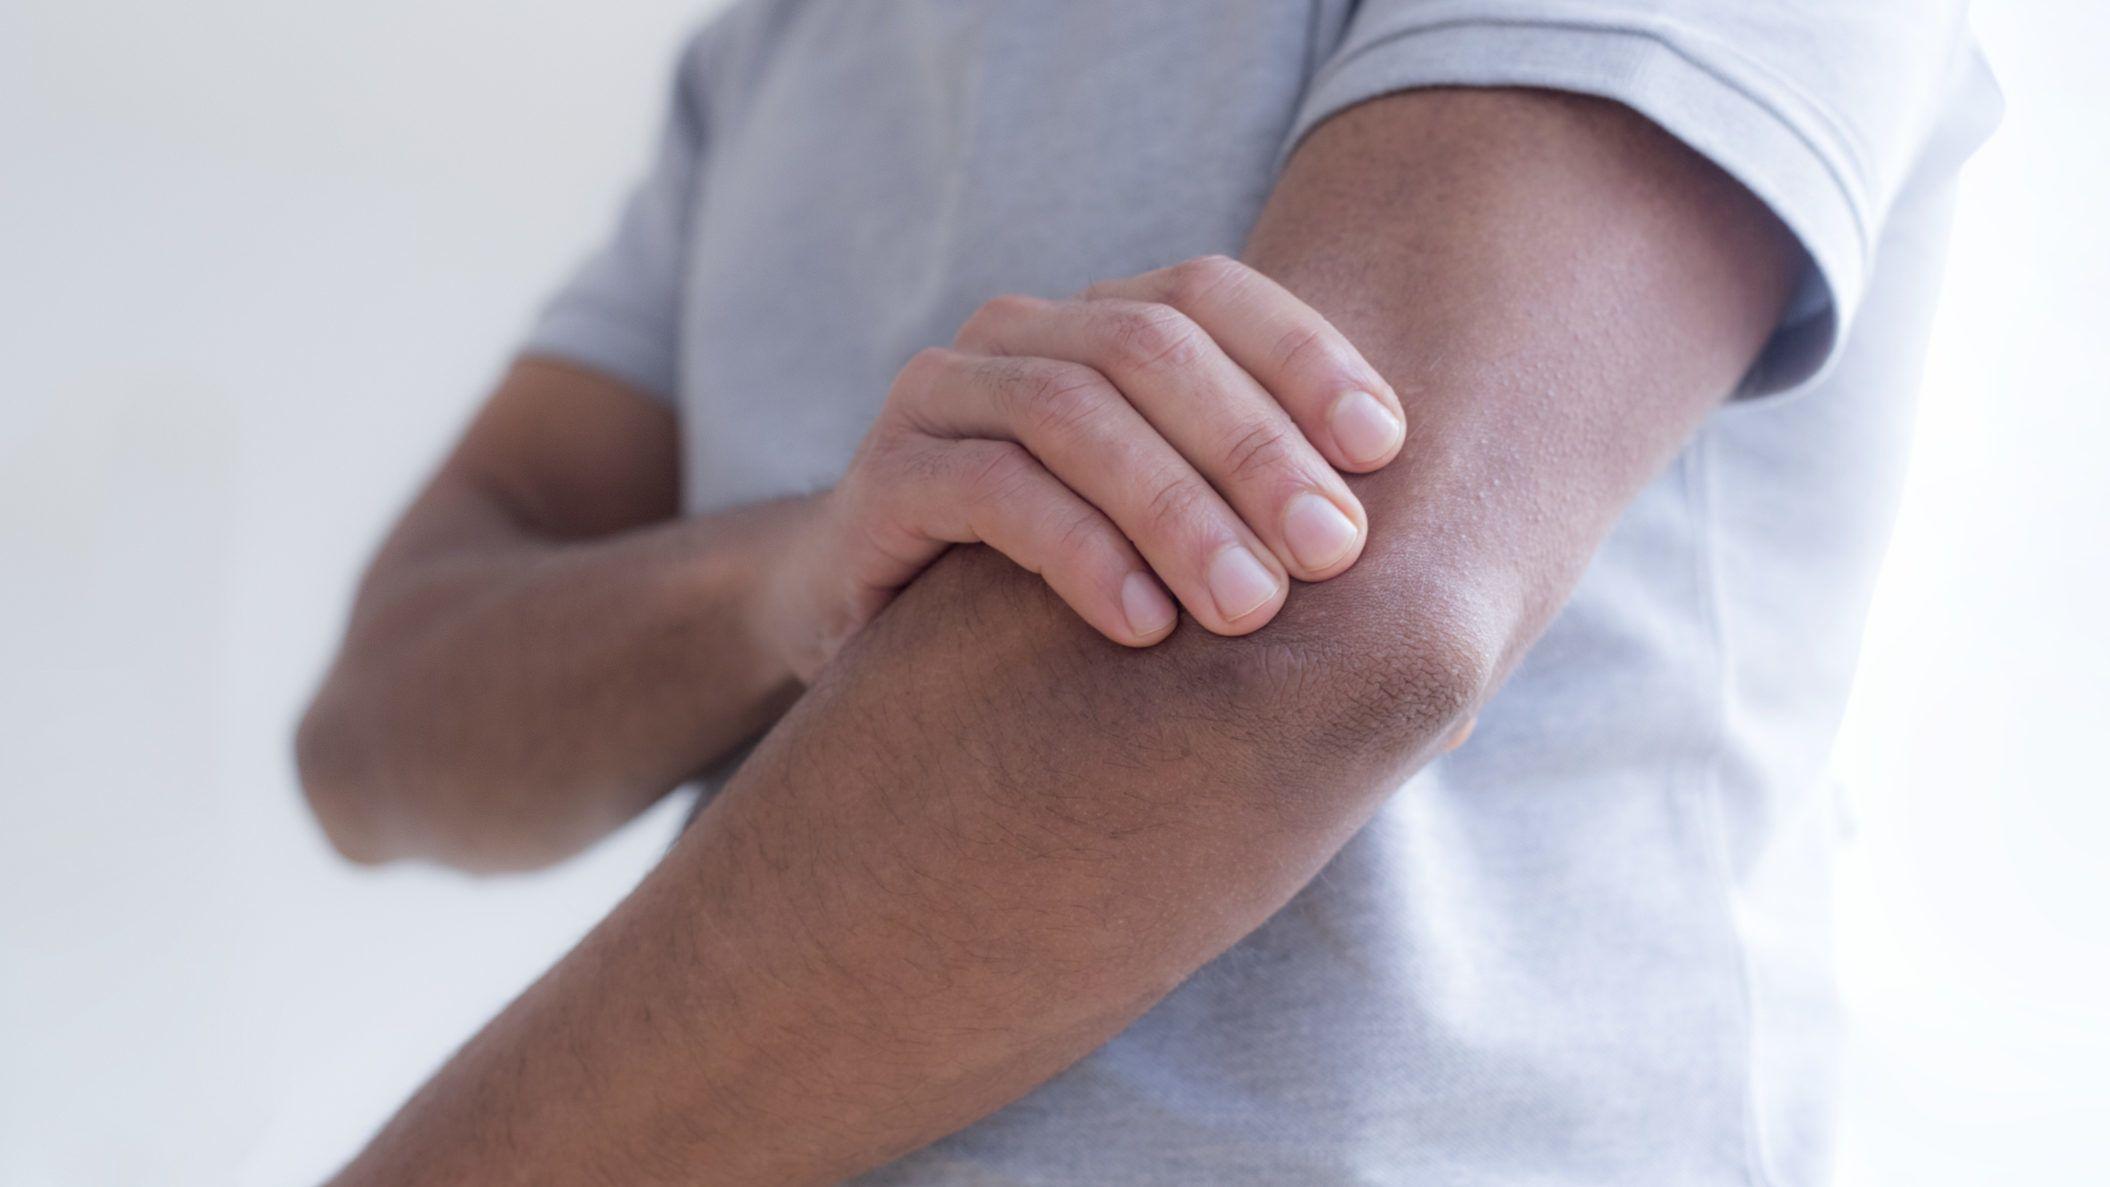 pénisz kezek helyett hogyan segíthet az embernek erekciójának növelésében